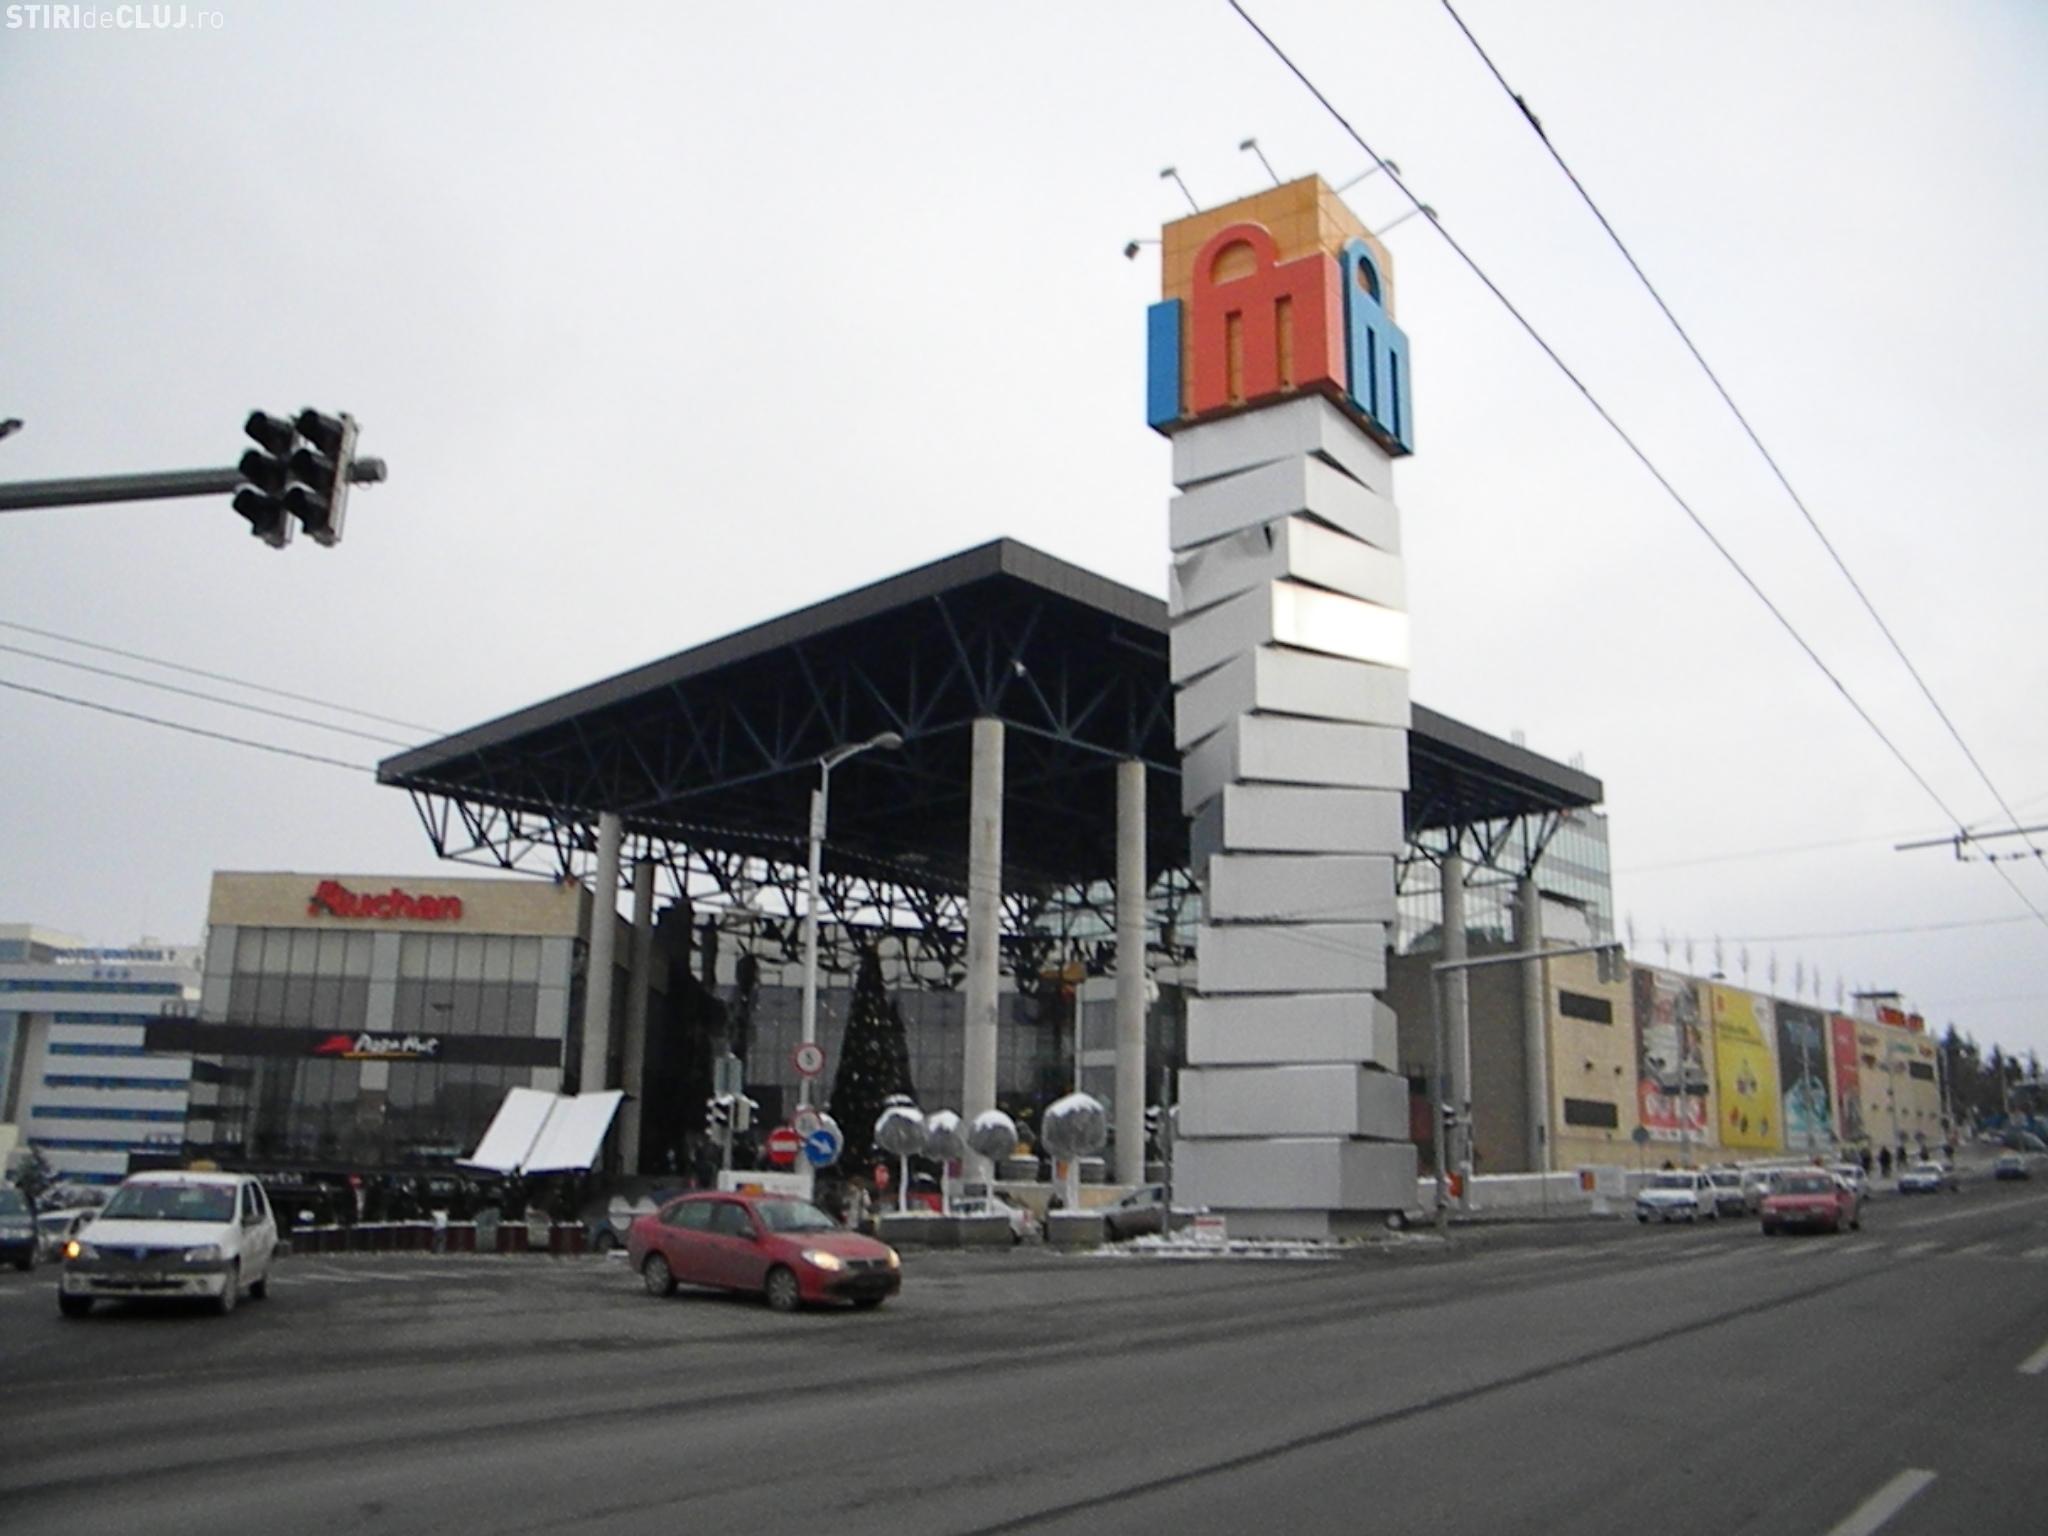 Veste BUNĂ despre sensul giratoriu de la Iulius Mall. Când încep lucrările